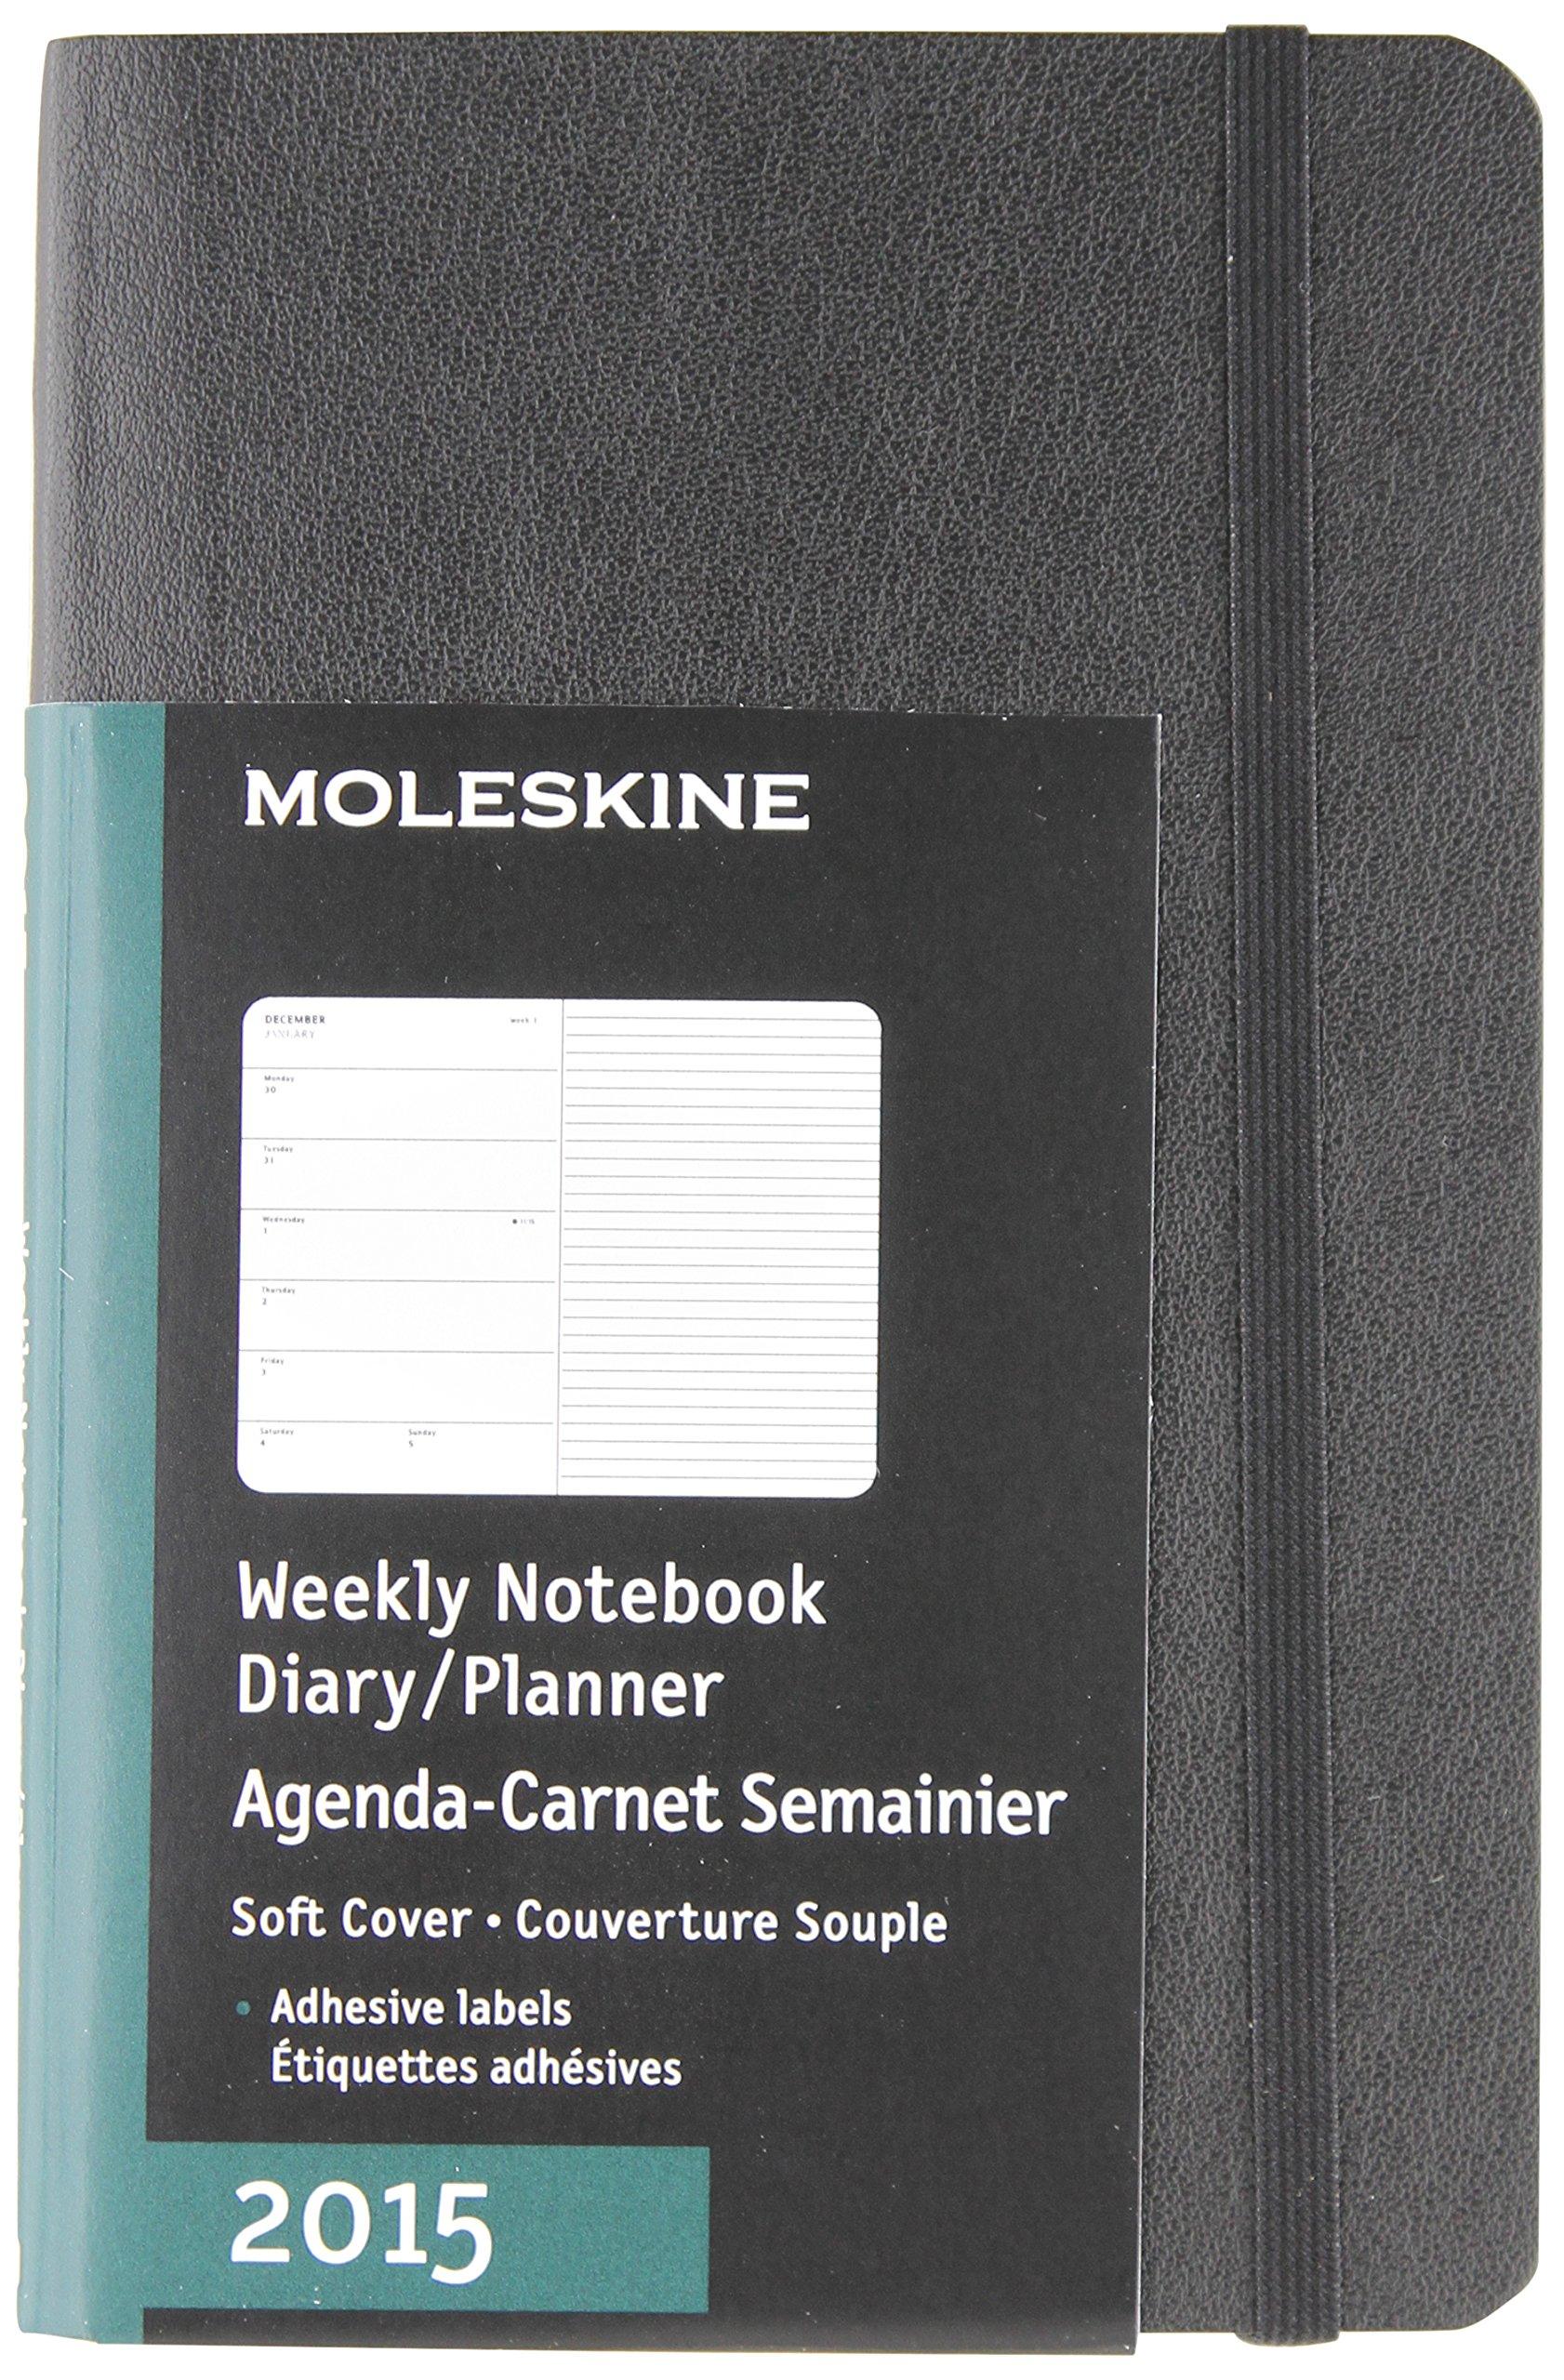 moleskine 2015 weekly planner 12 month pocket black soft cover